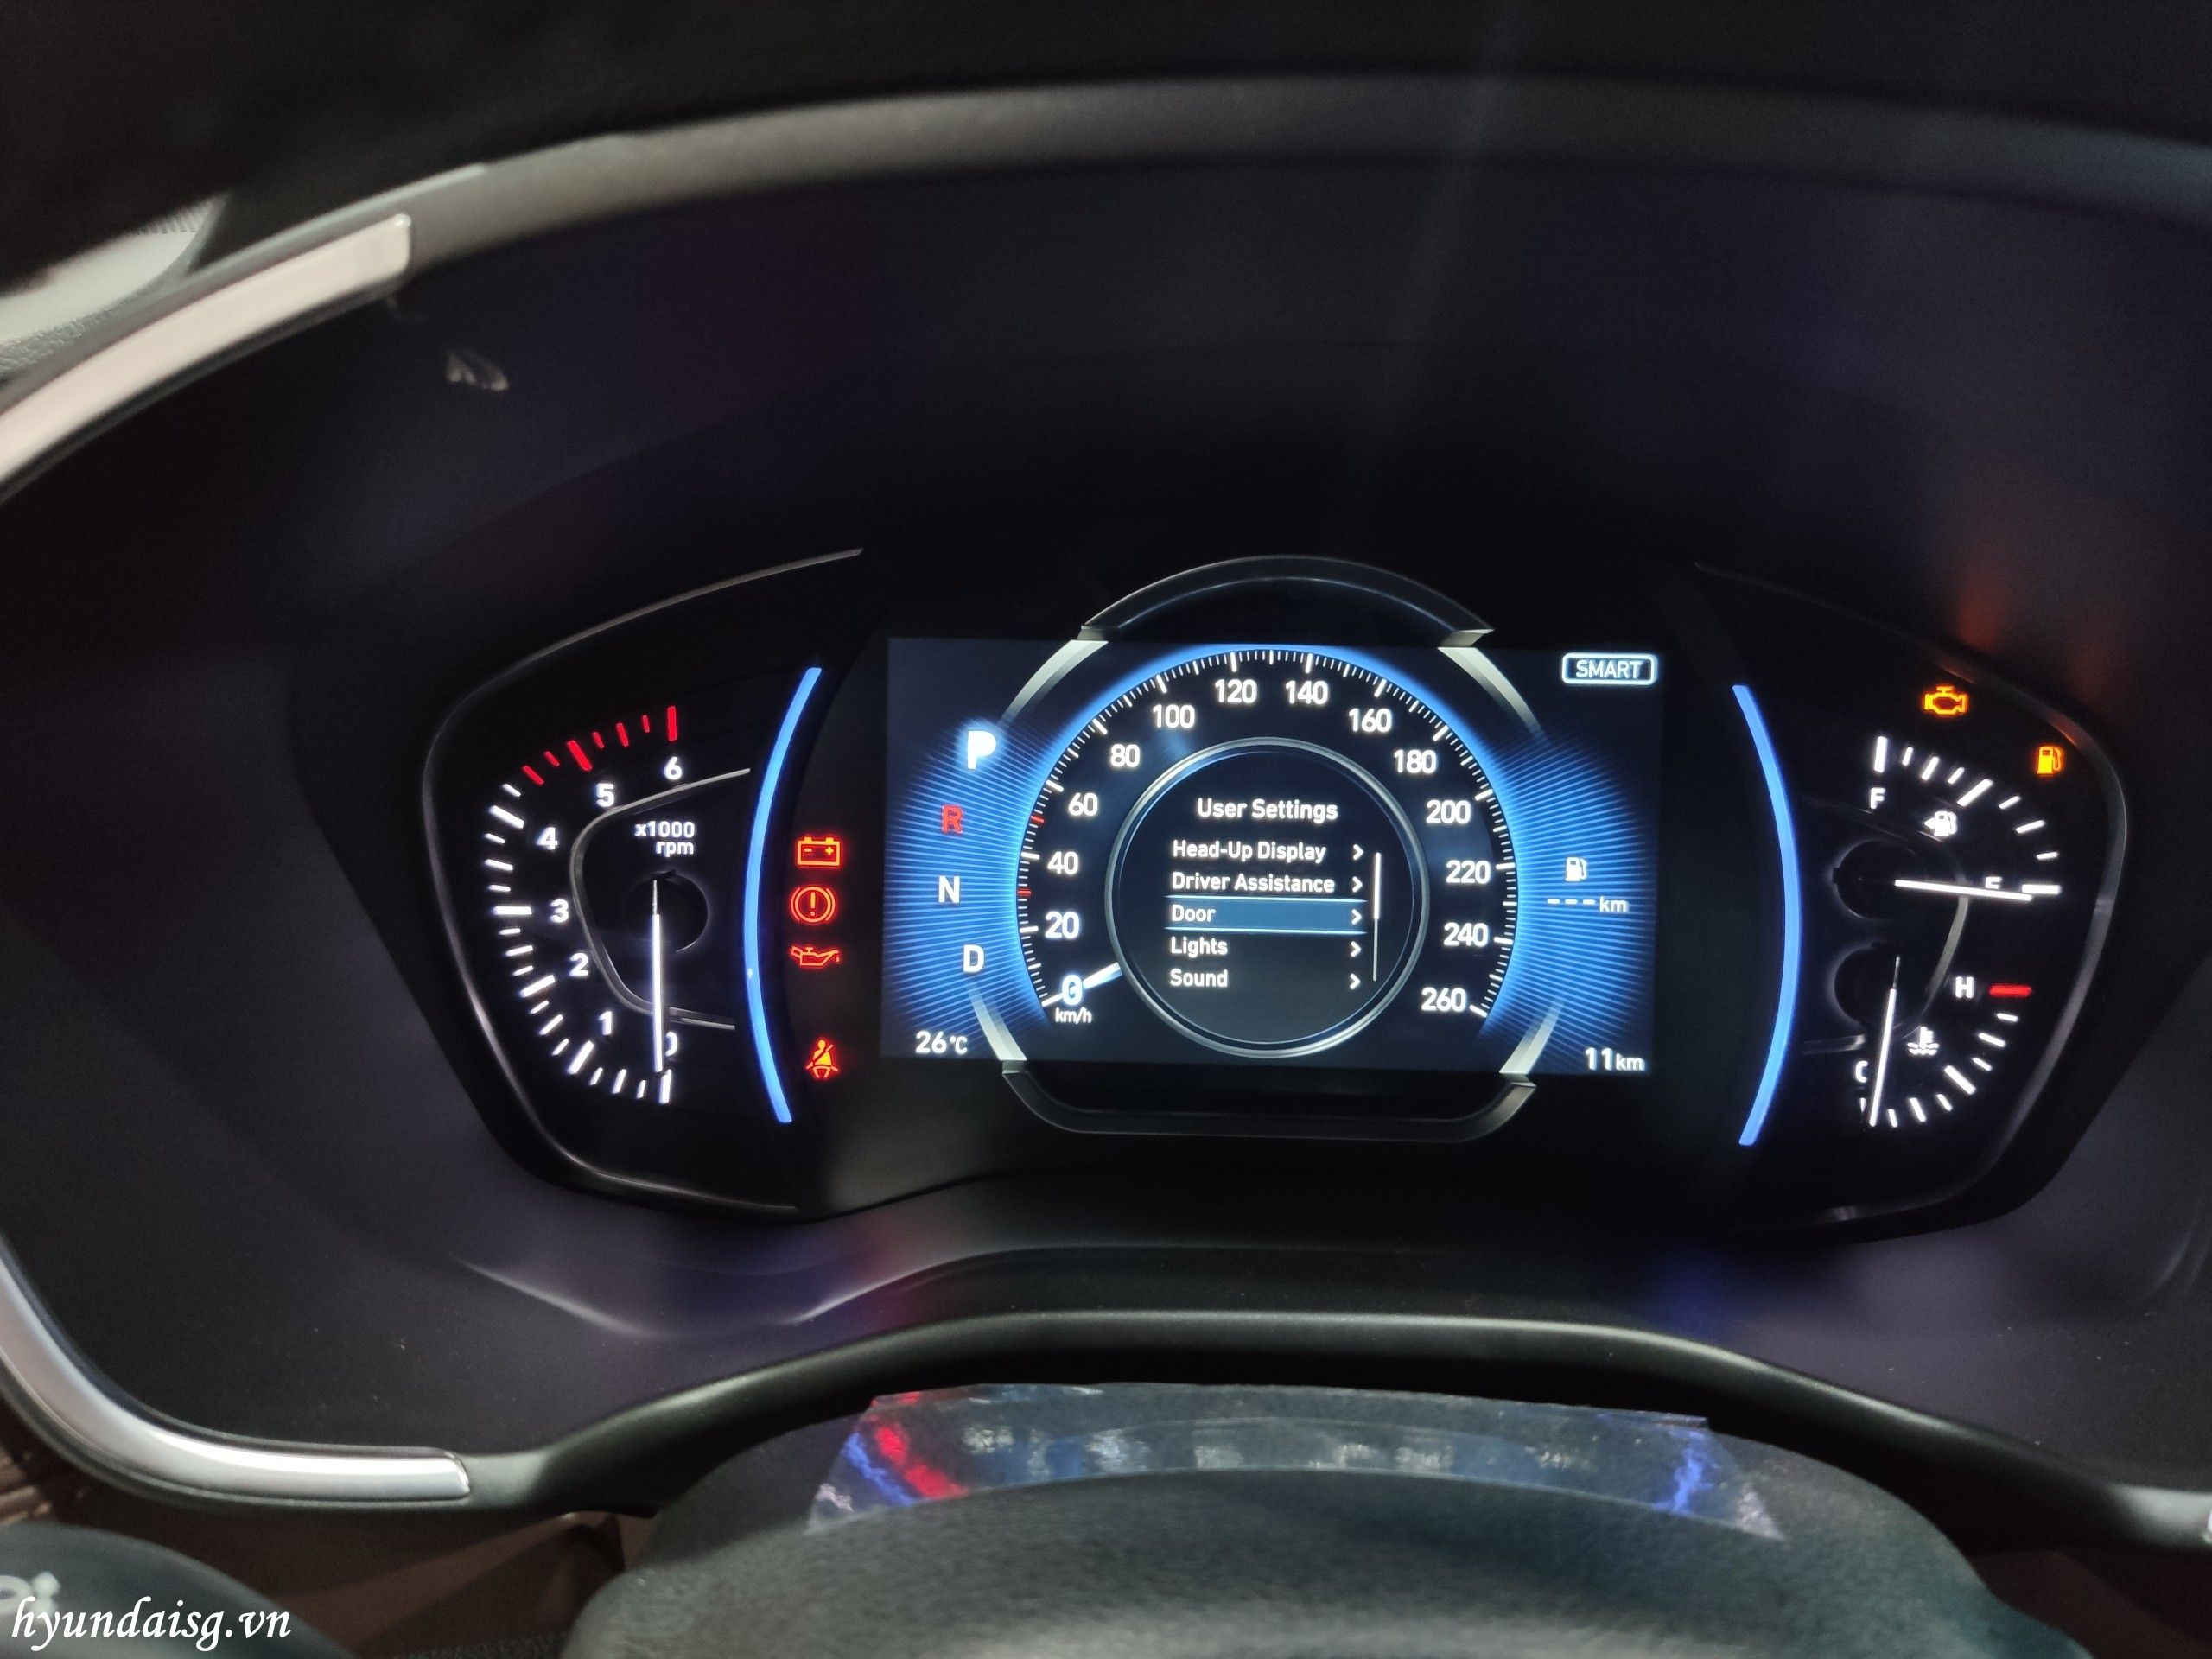 Hình Ảnh Hướng dẫn sử dụng xe Hyundai Santafe cho người mới 38